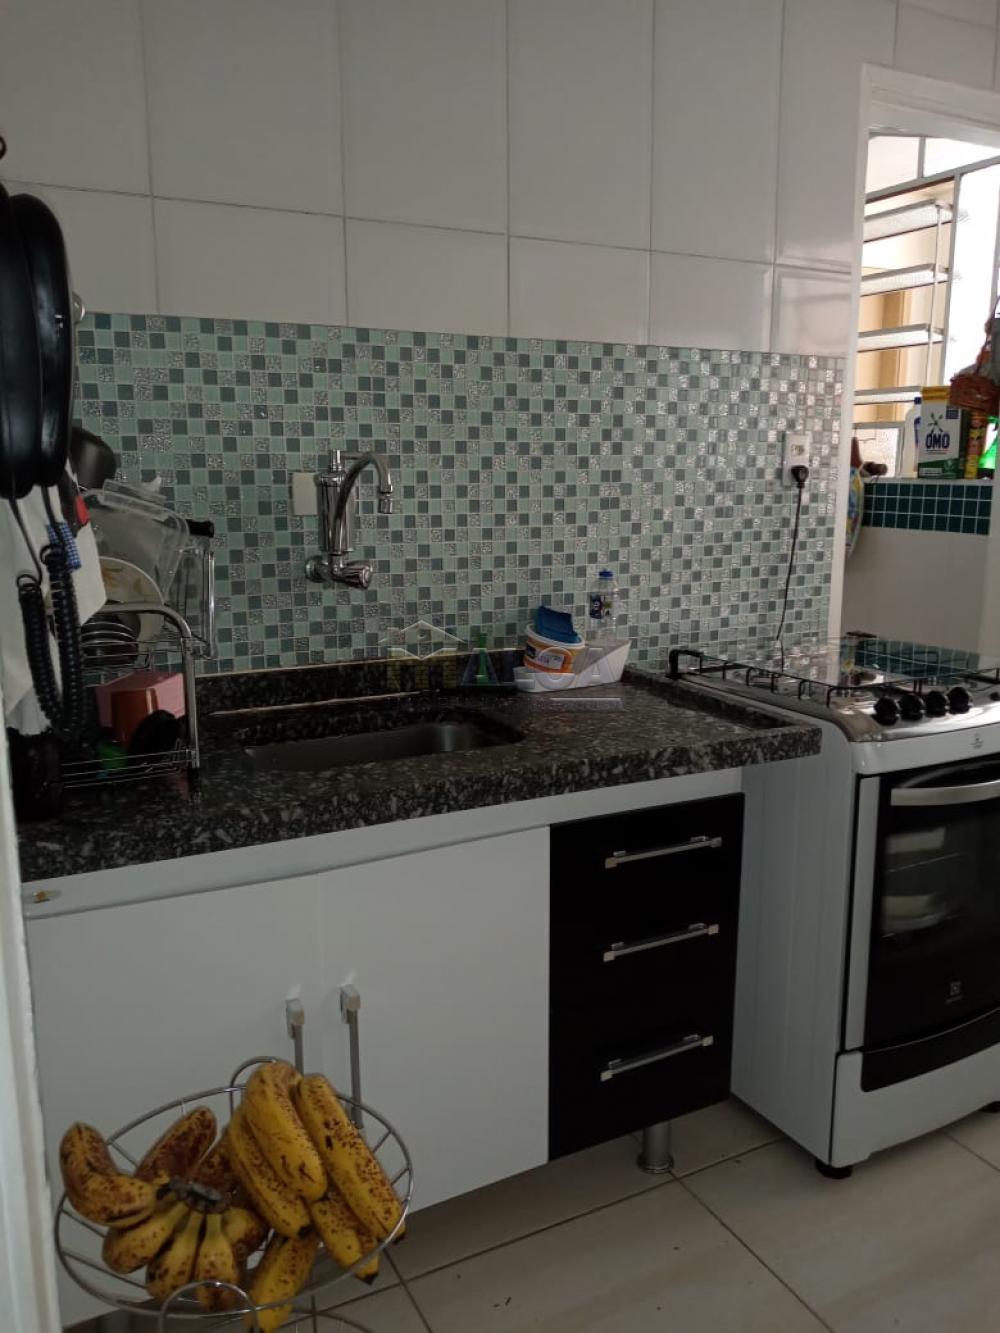 Comprar Apartamentos / Padrão em São Paulo R$ 350.000,00 - Foto 12